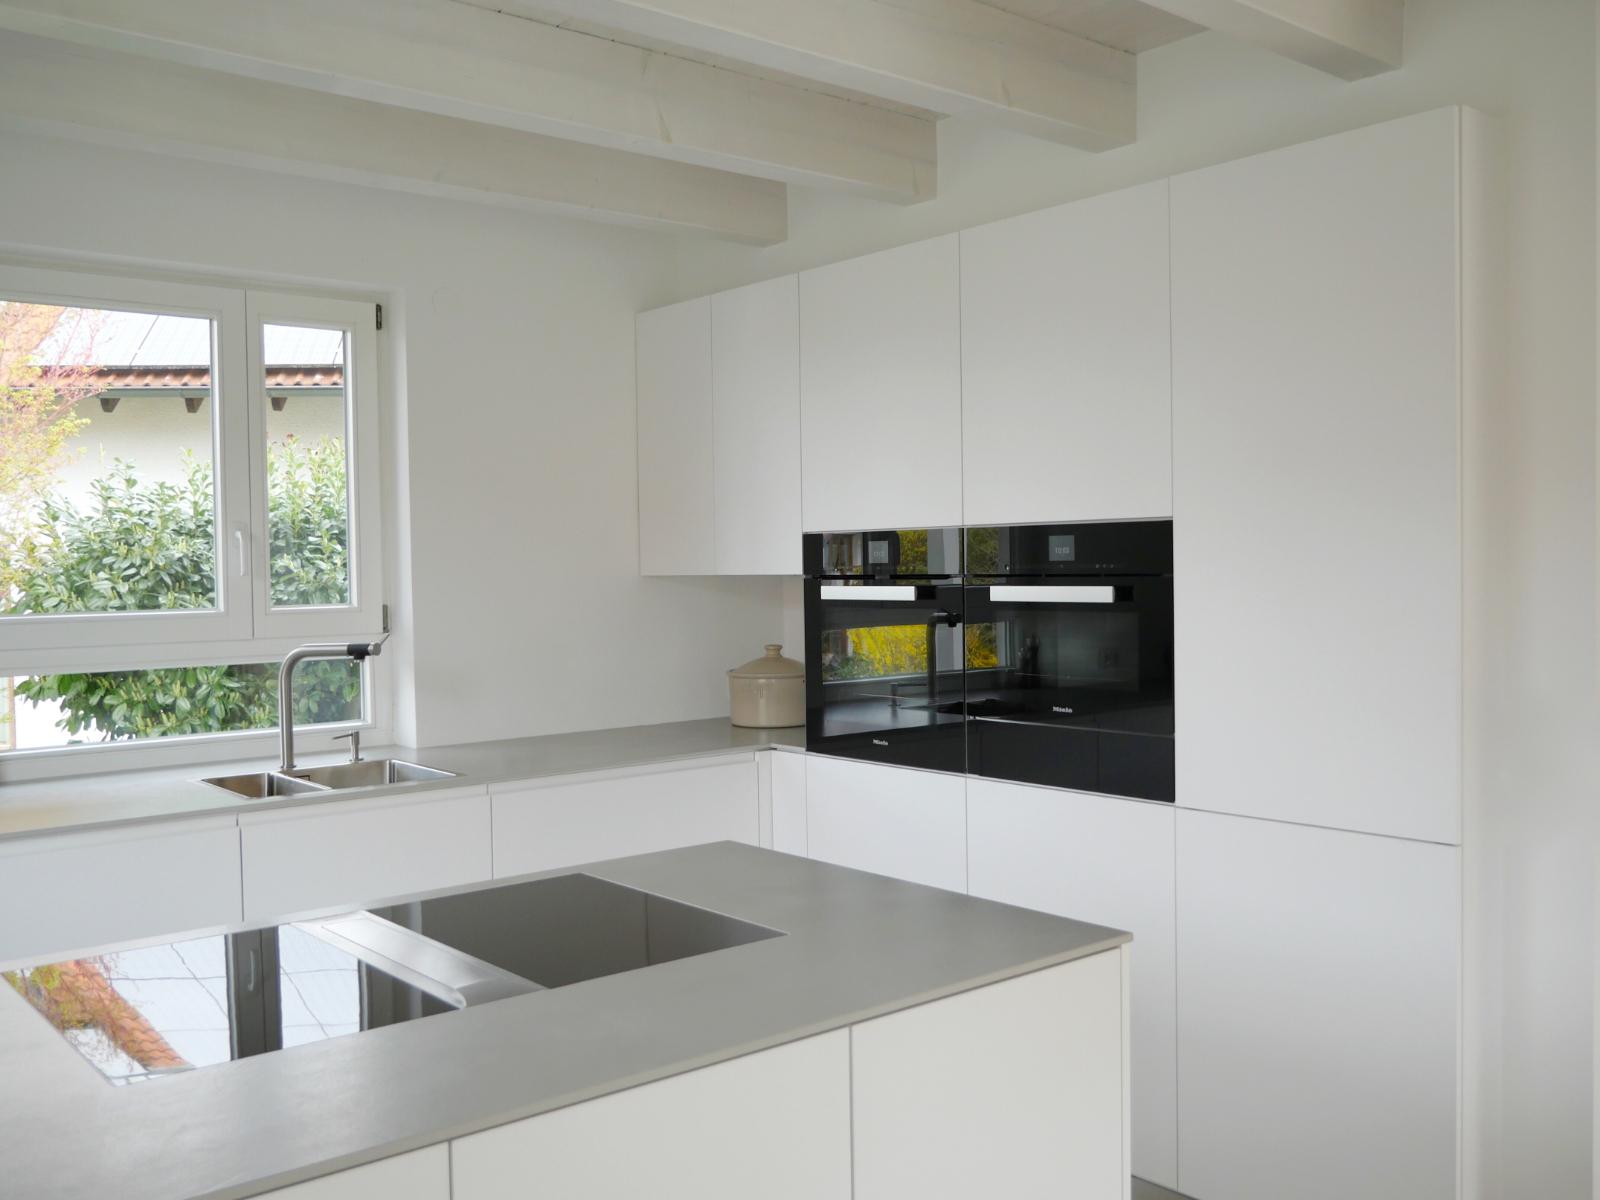 Küchen Tuttlingen - Schreinerei - Holzdesign Rapp Geisingen